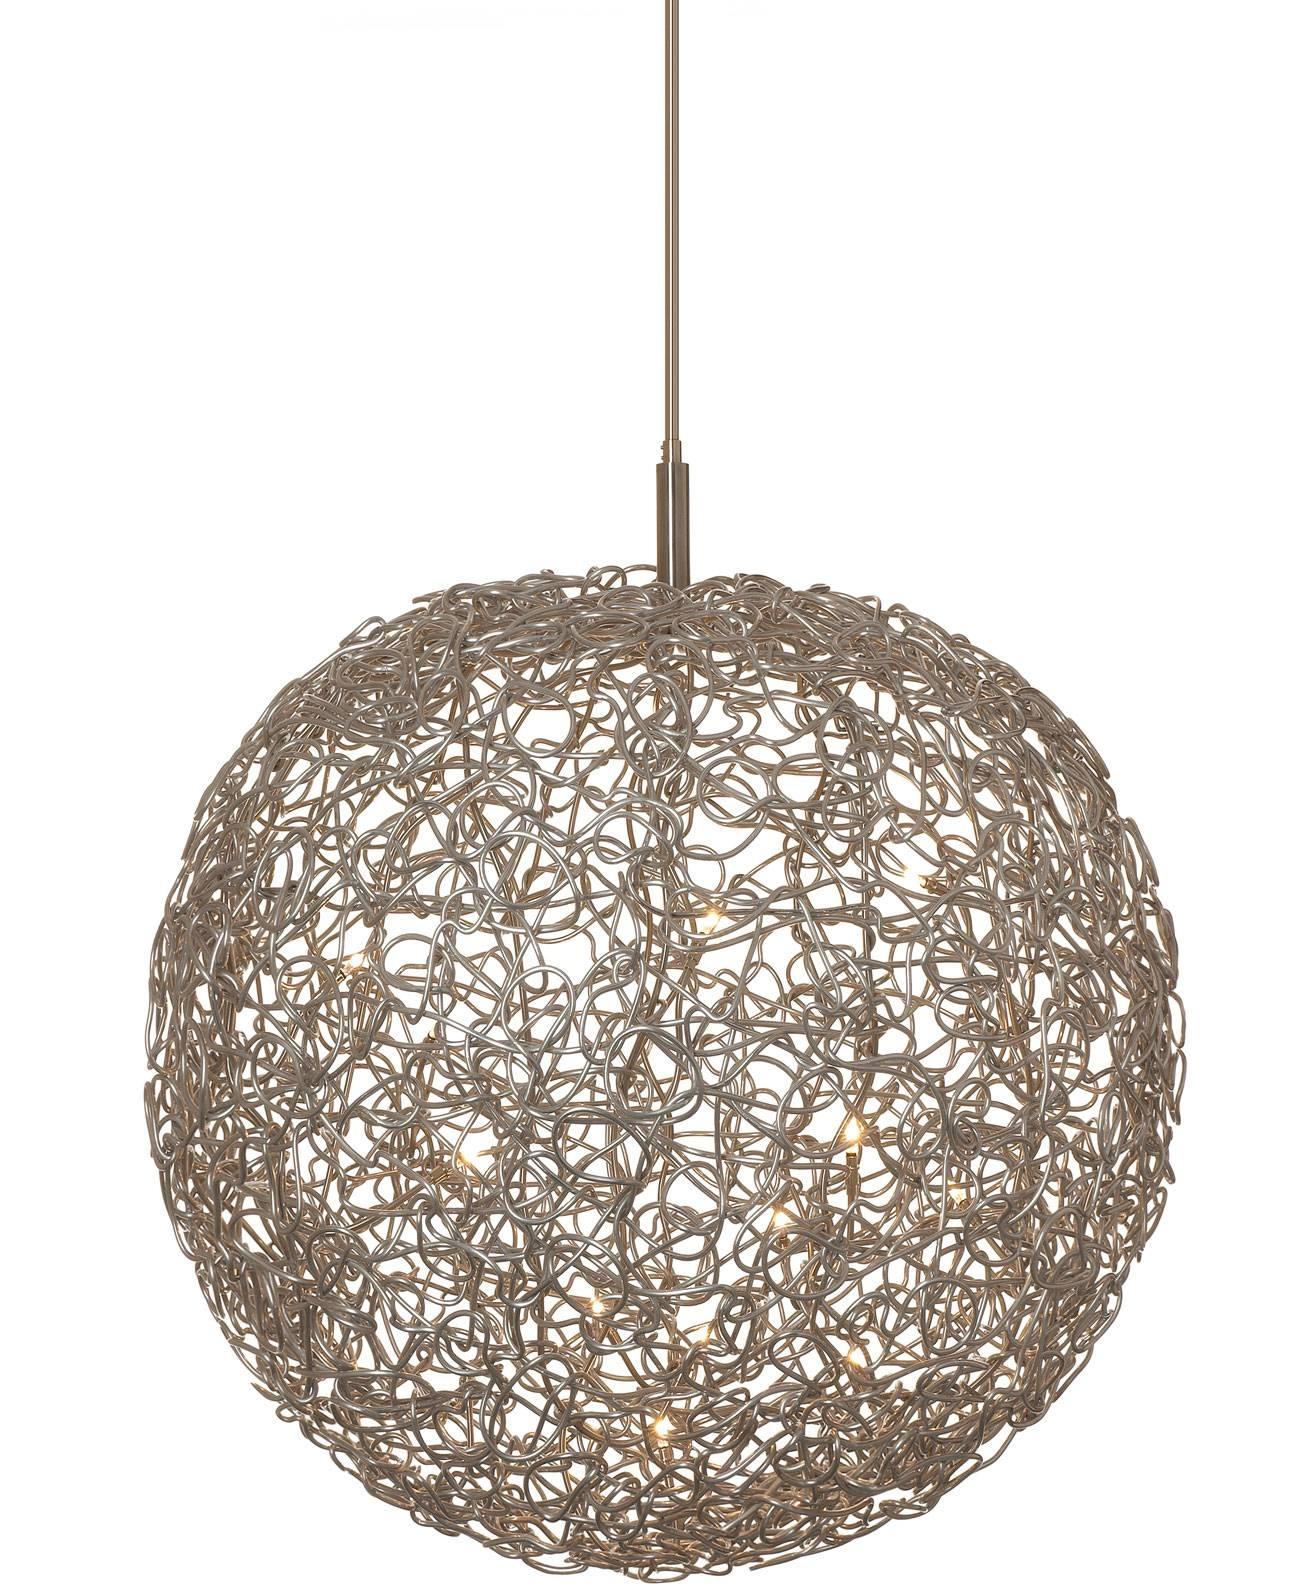 Ceiling Light Best 10 Ball Lights Fixtures Gem 80 Pendant Disco in Disco Ball Ceiling Lights Fixtures (Image 6 of 15)